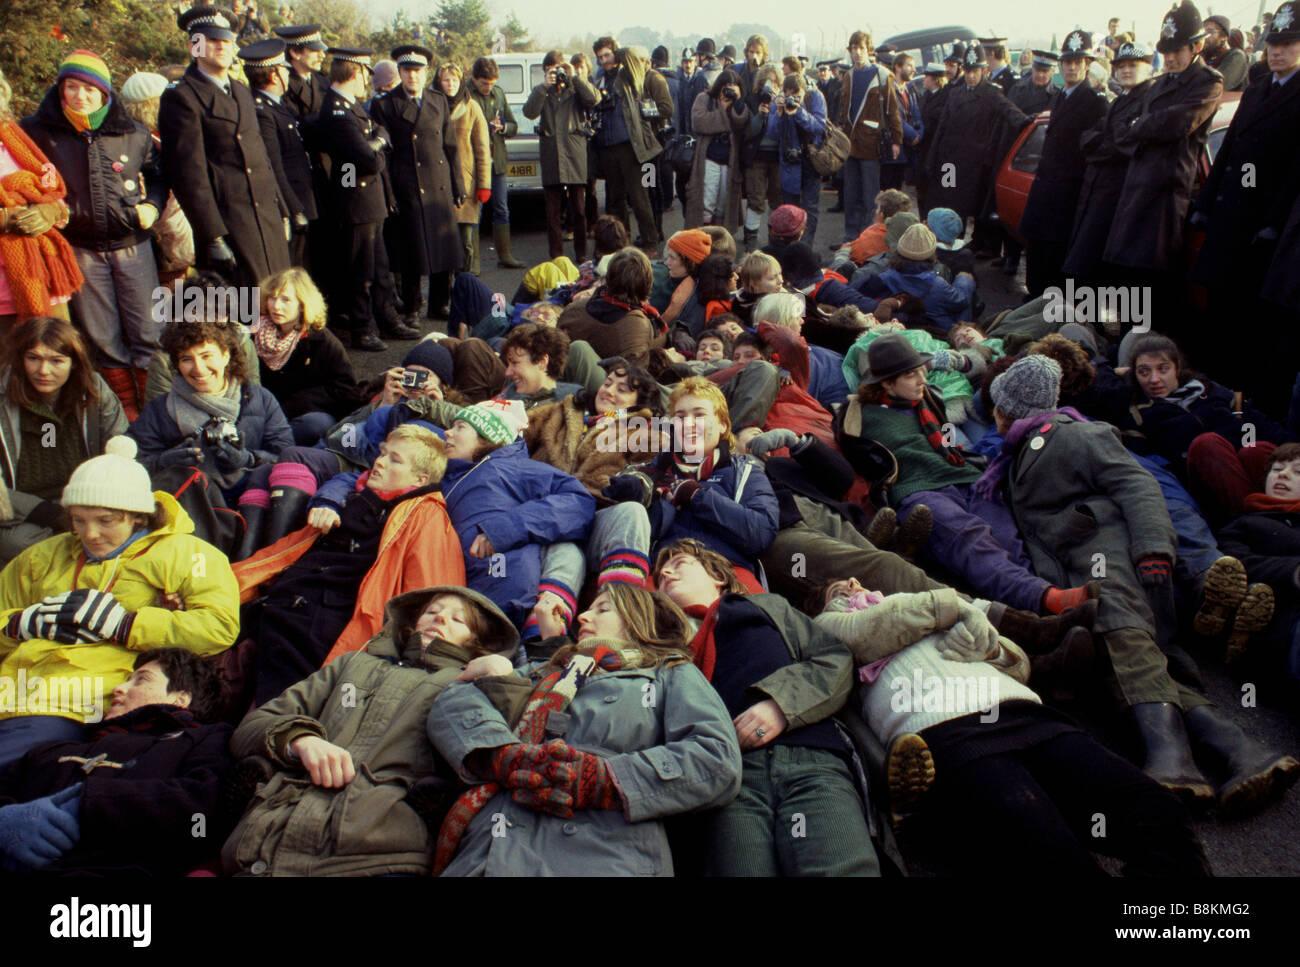 Greenham Berkshire UK 13. Dezember 1982 Demonstranten an Greenham Common Frieden Frauenlager Stockbild